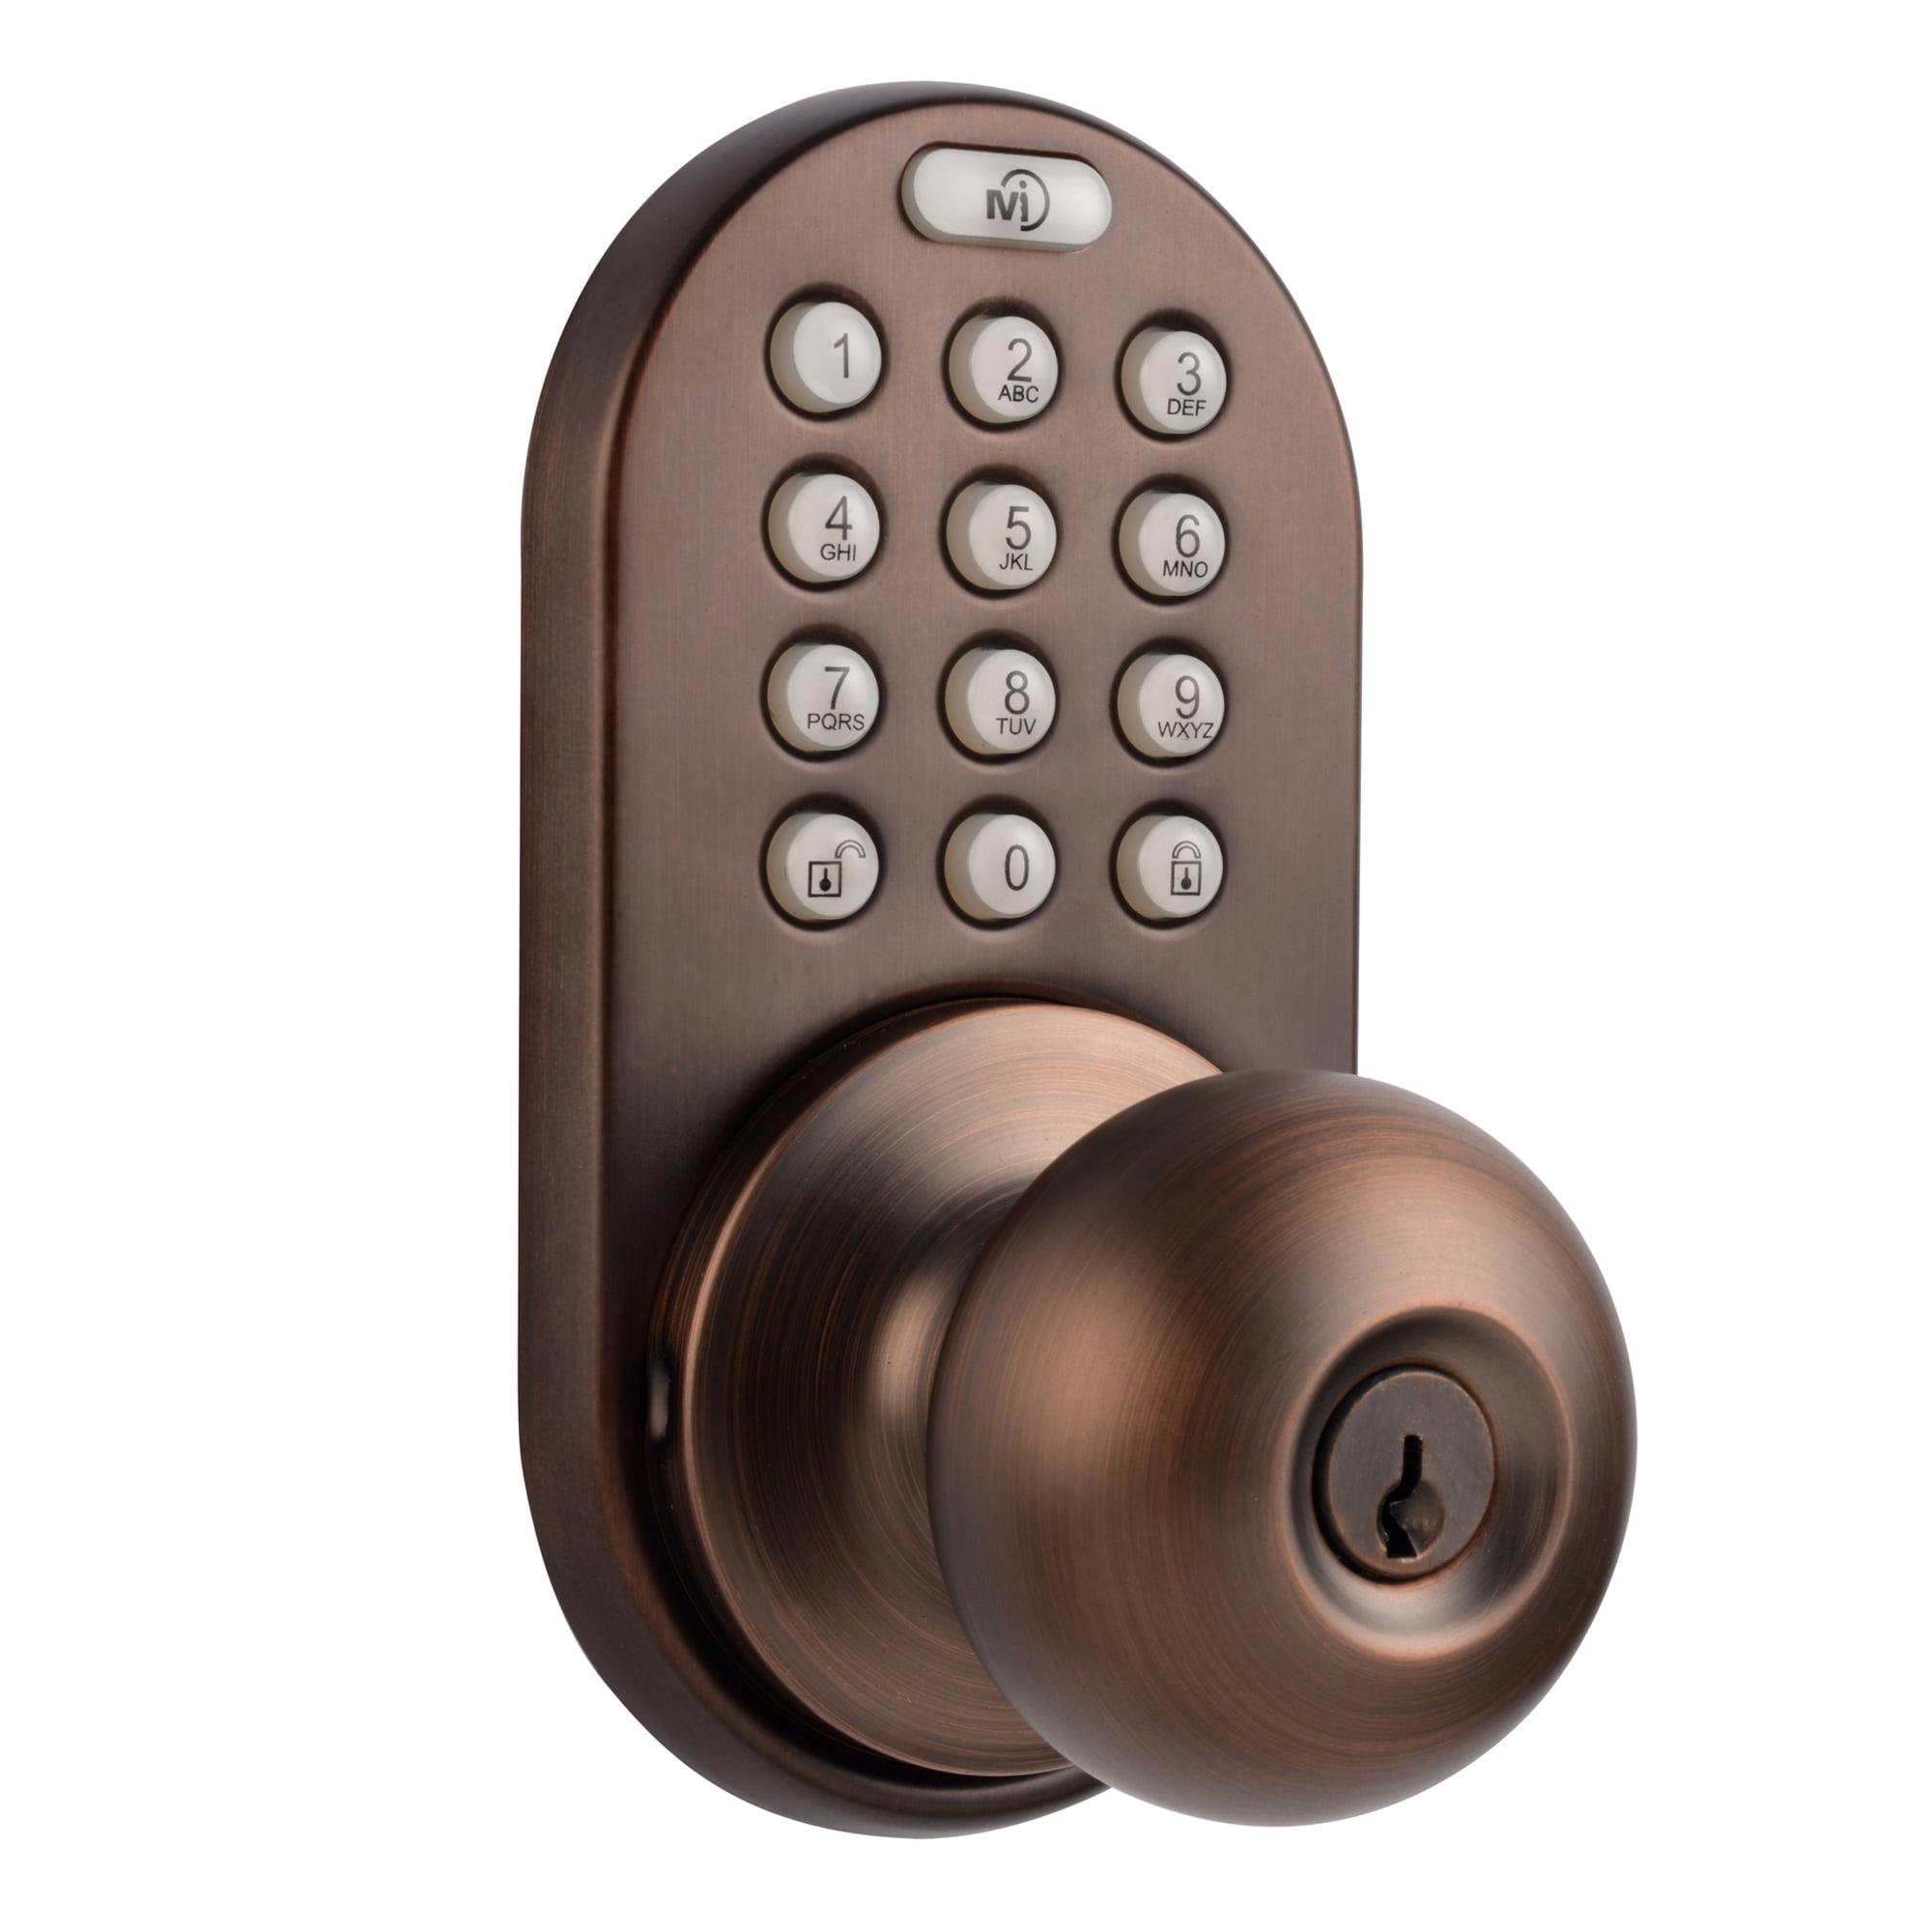 MiLocks Keypad Knob Oil Rubbed Bronze